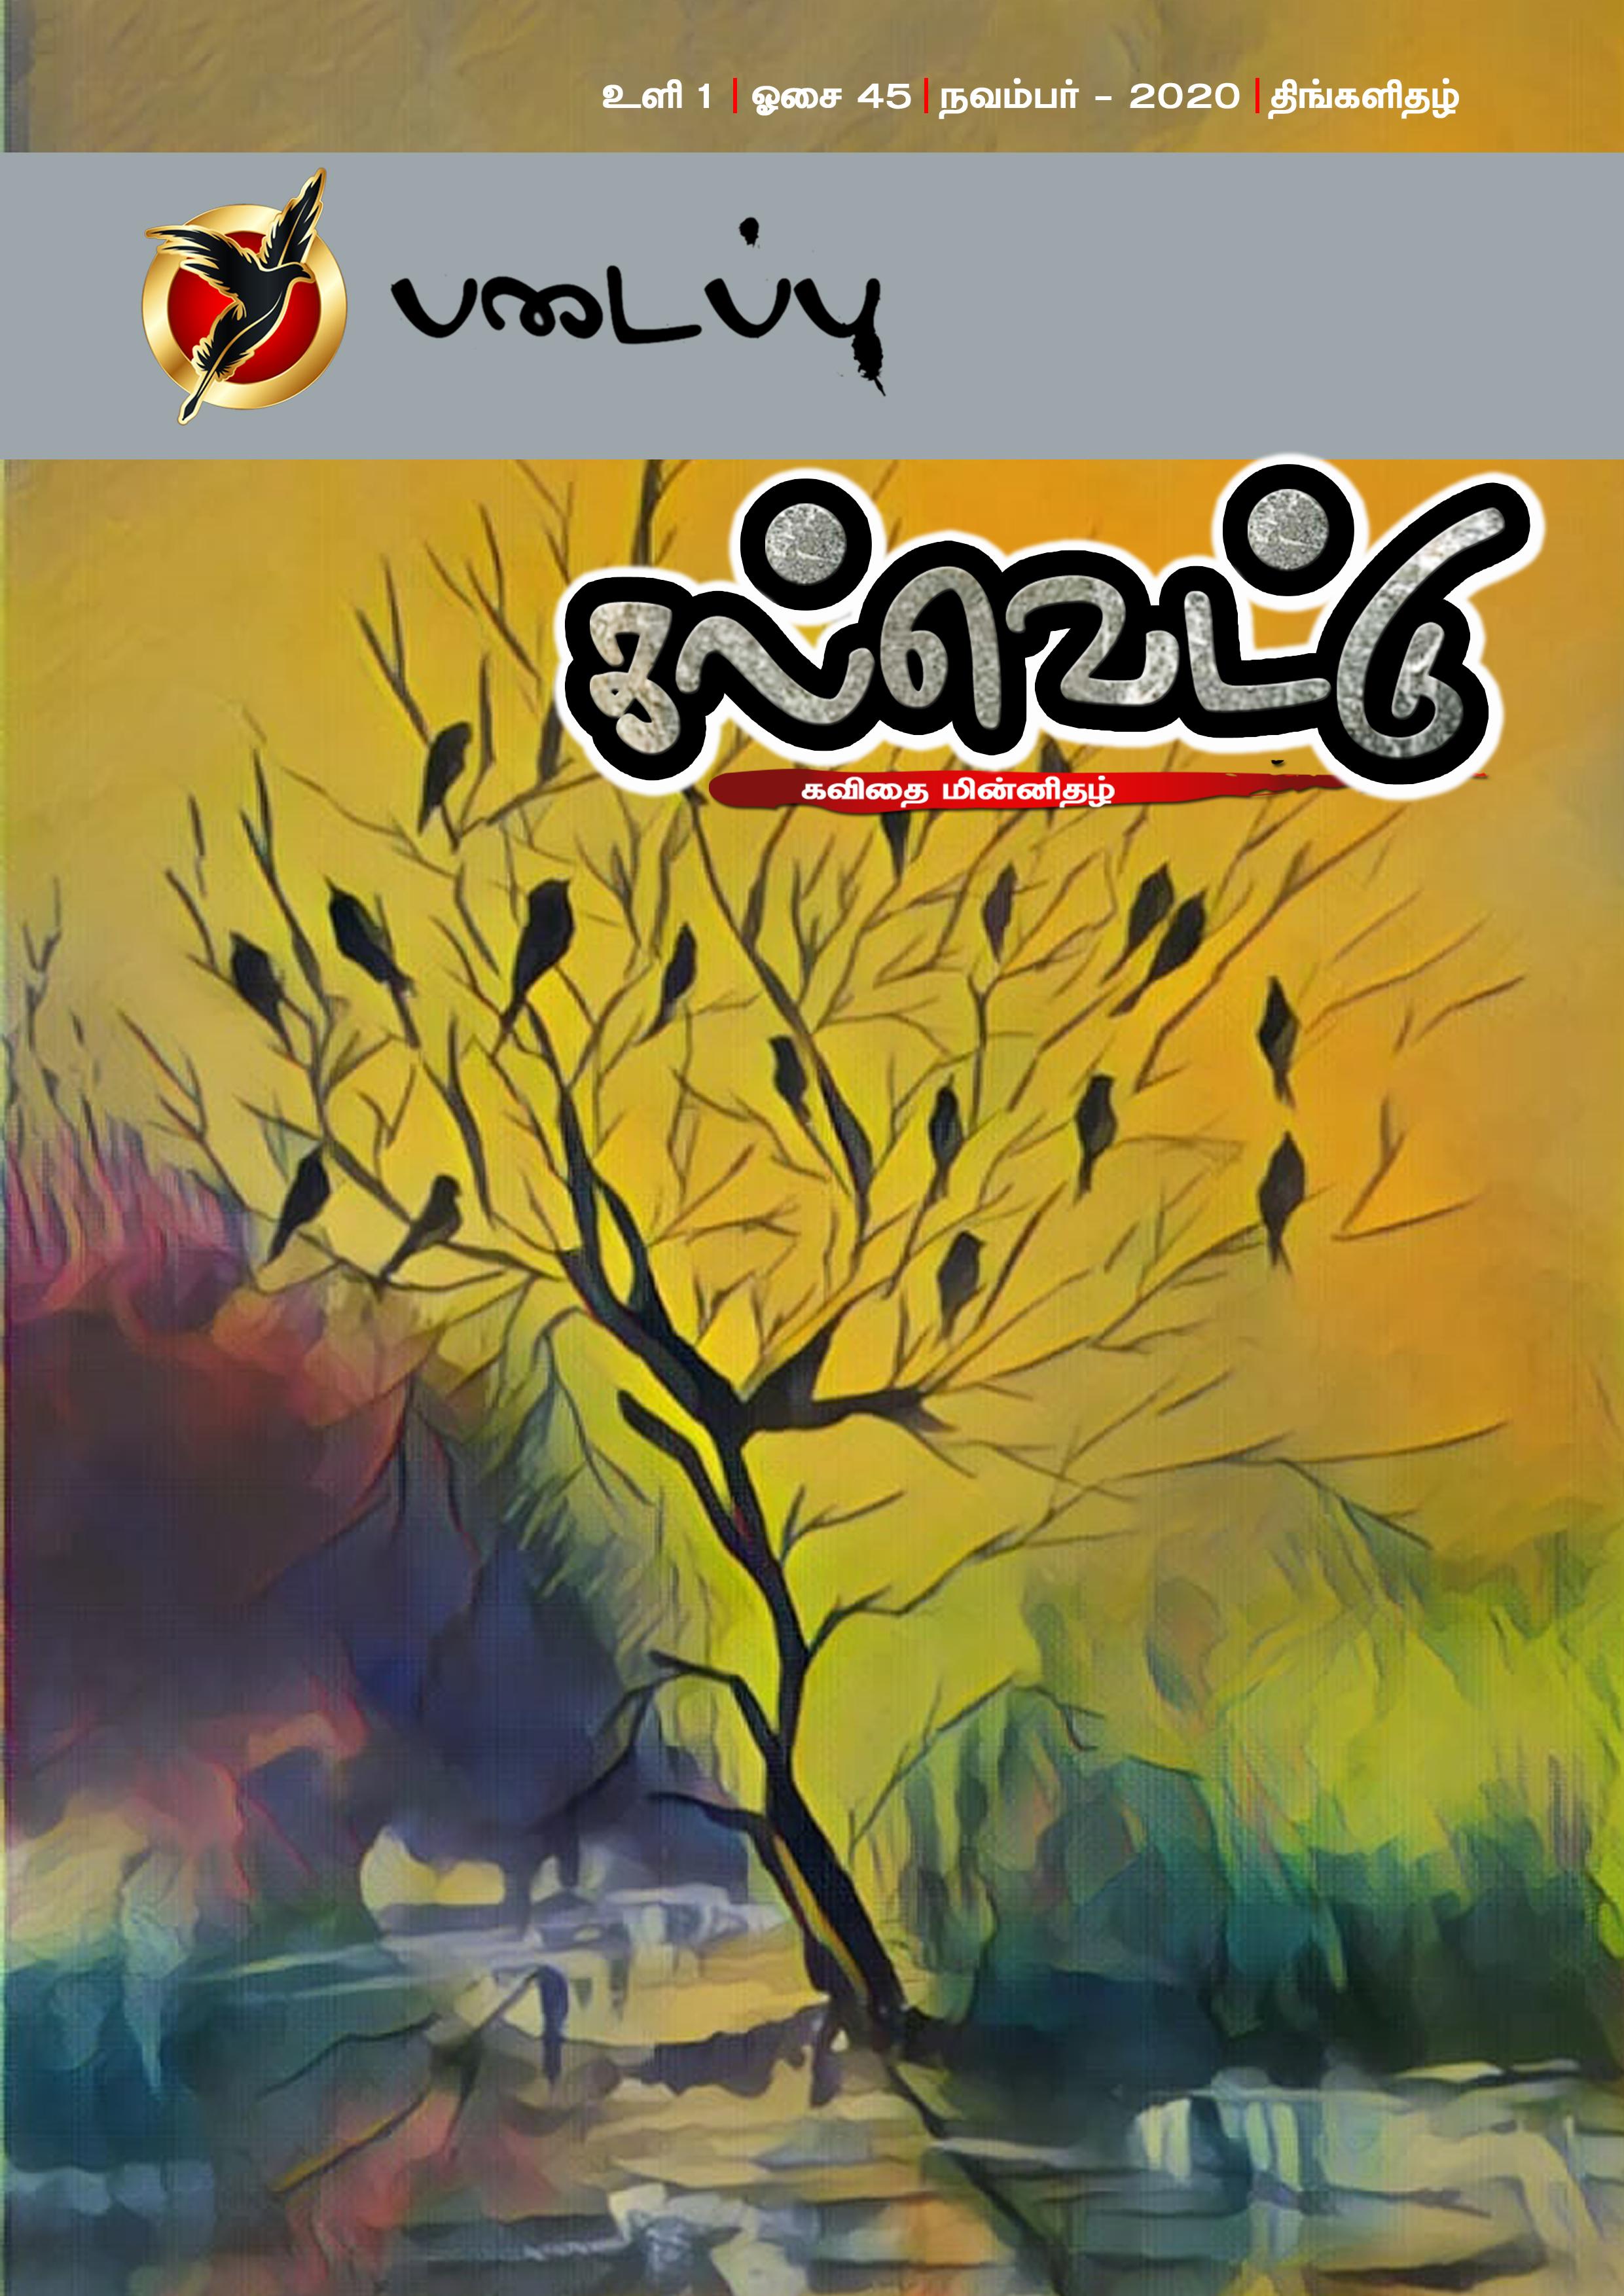 படைப்பு தகவு - கலை இலக்கிய திங்களிதழ் - 28